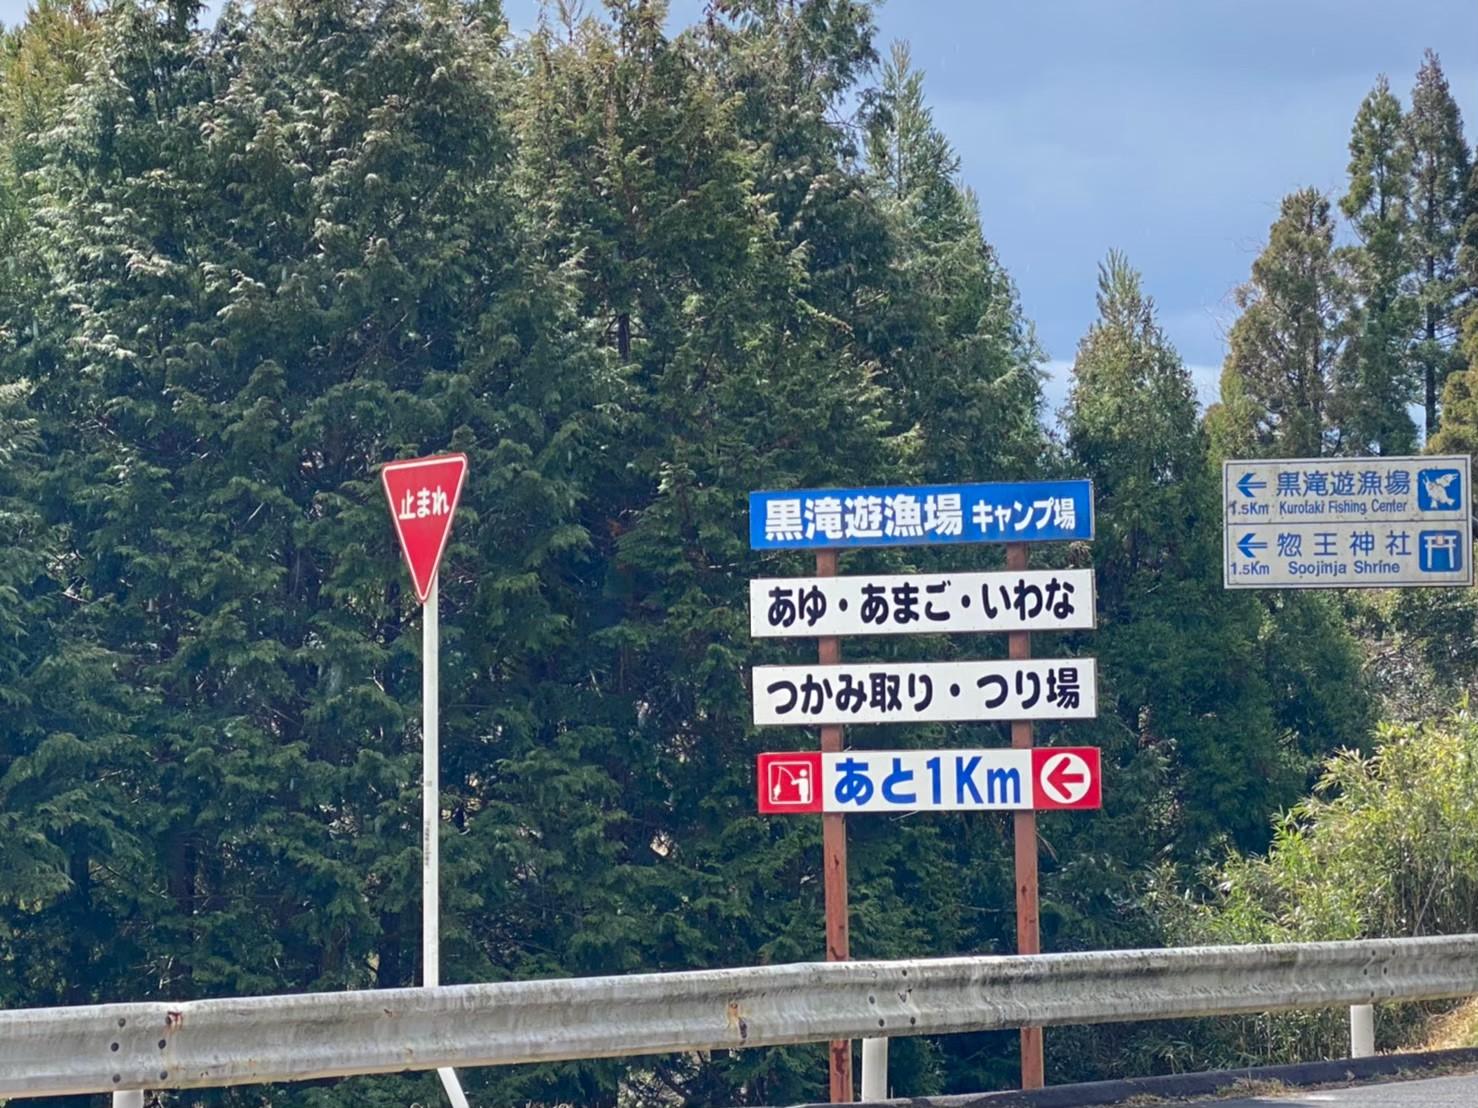 【川遊び・釣り・つかみ取り|甲賀市】『黒滝遊魚場』攻略ガイド(駐車場・トイレ)